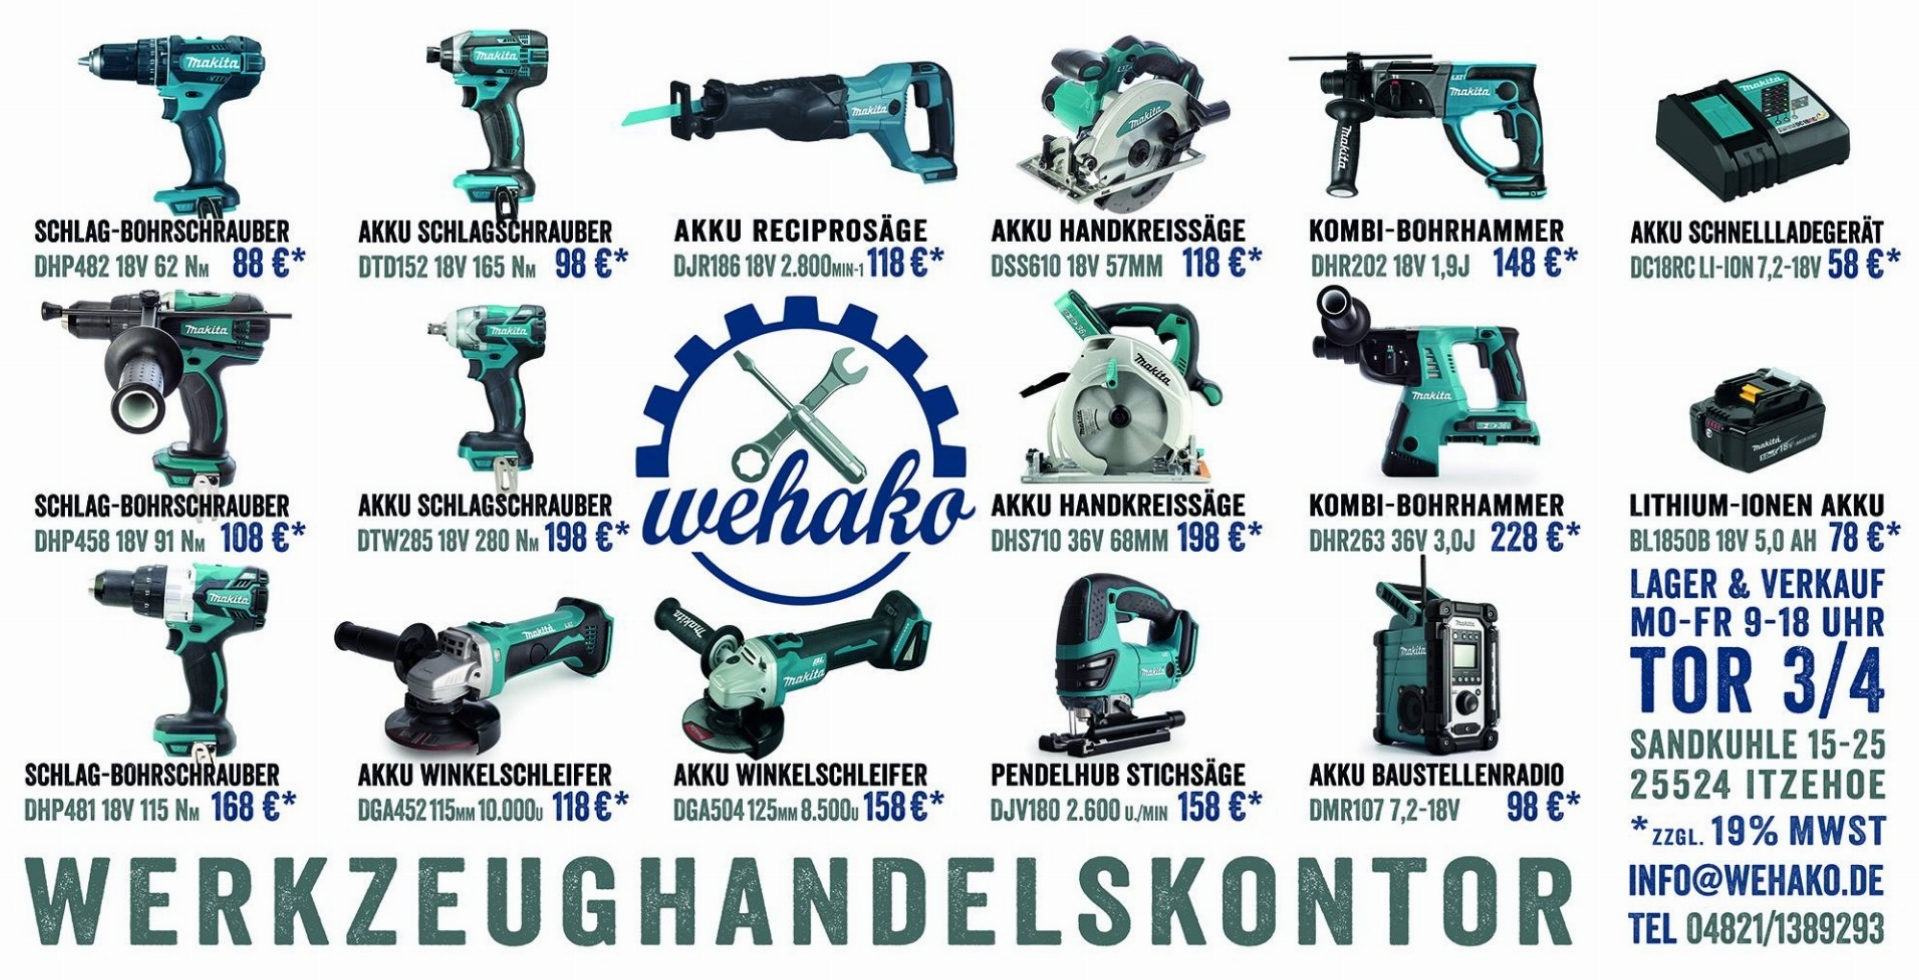 http://www.wehako.de/